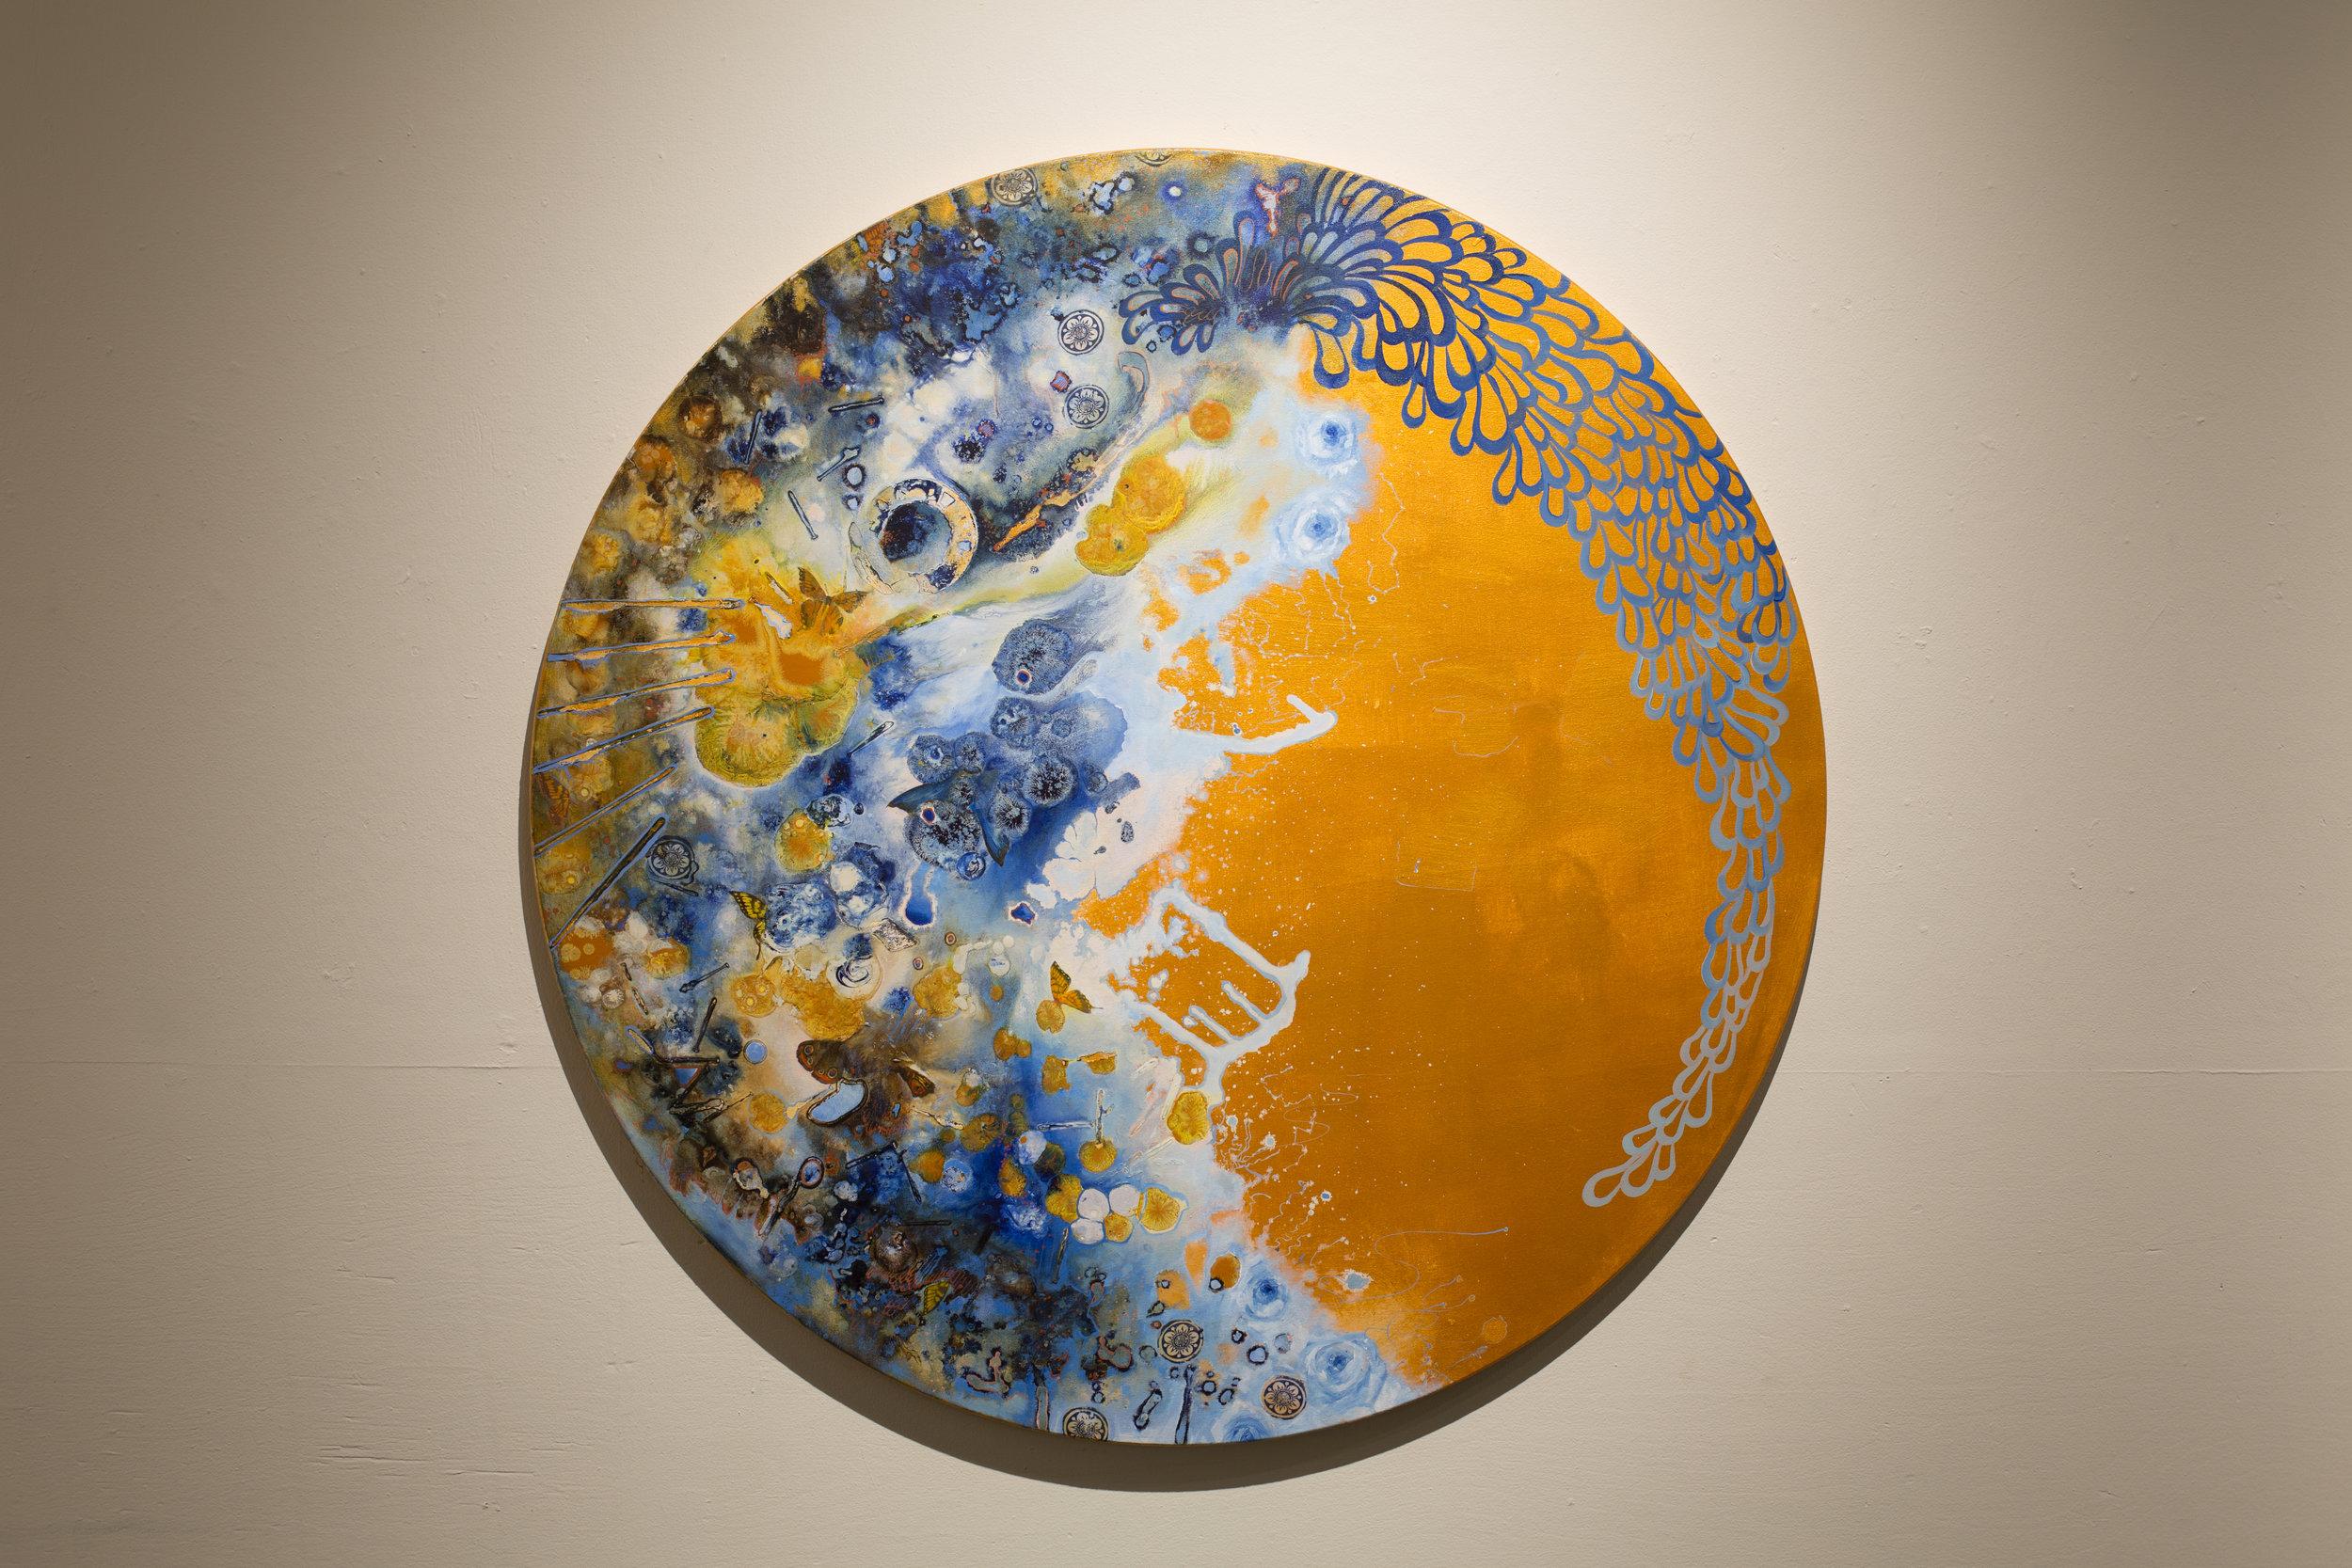 """Edith, Acrylic on Canvas, 47"""" Diameter, 2018. $3100.00"""